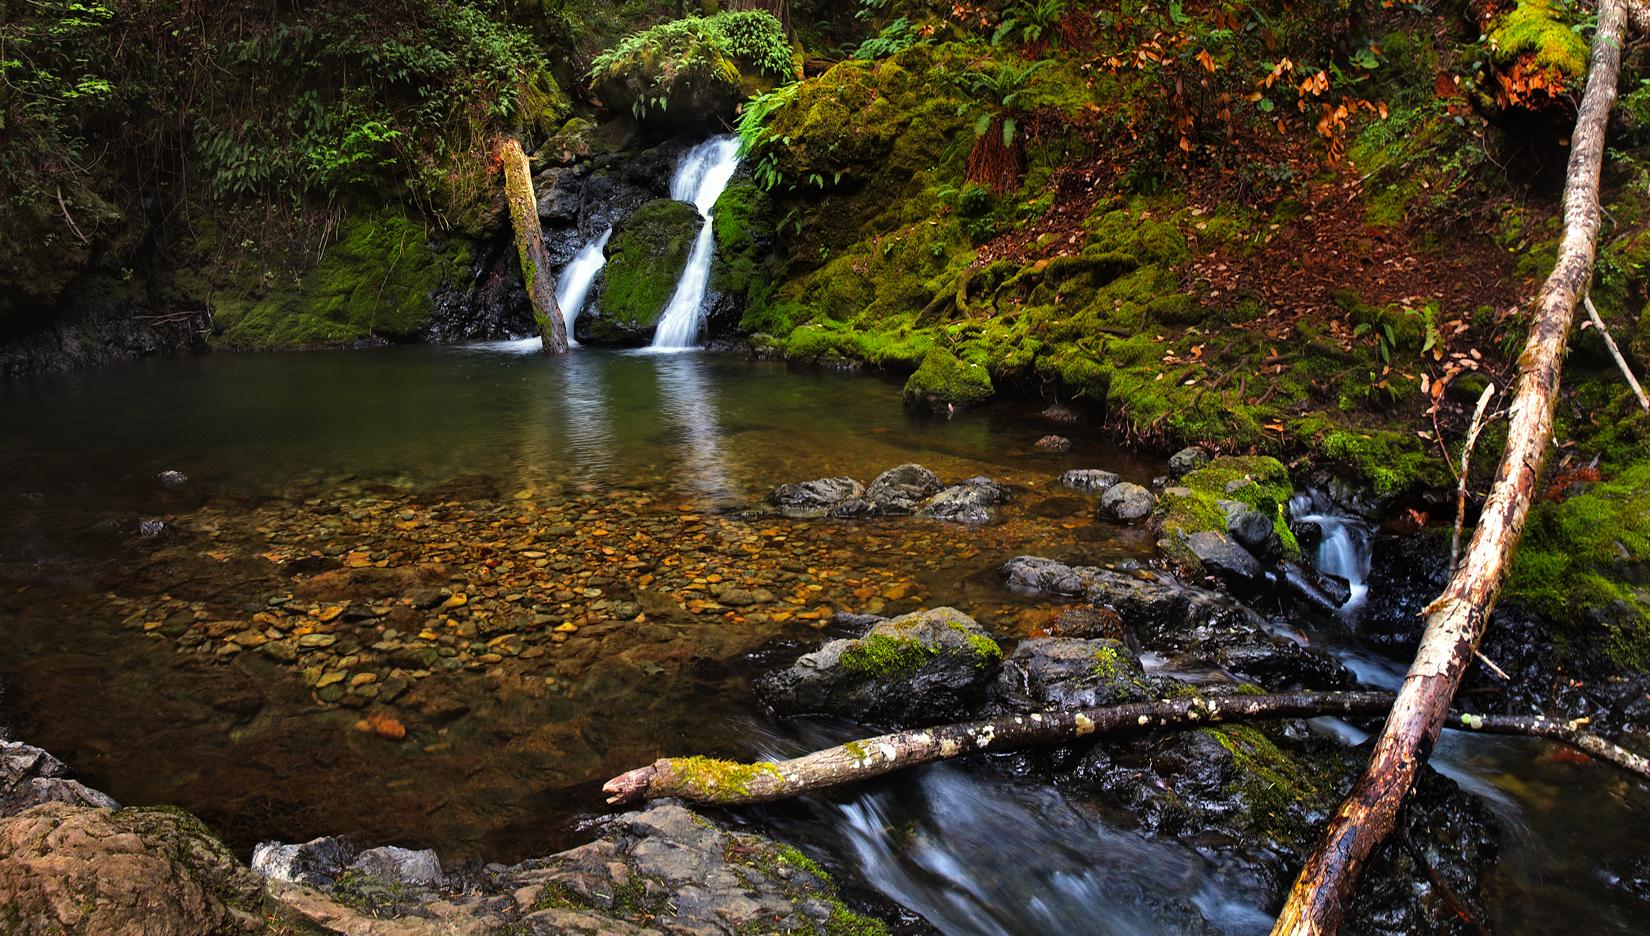 Creek pool